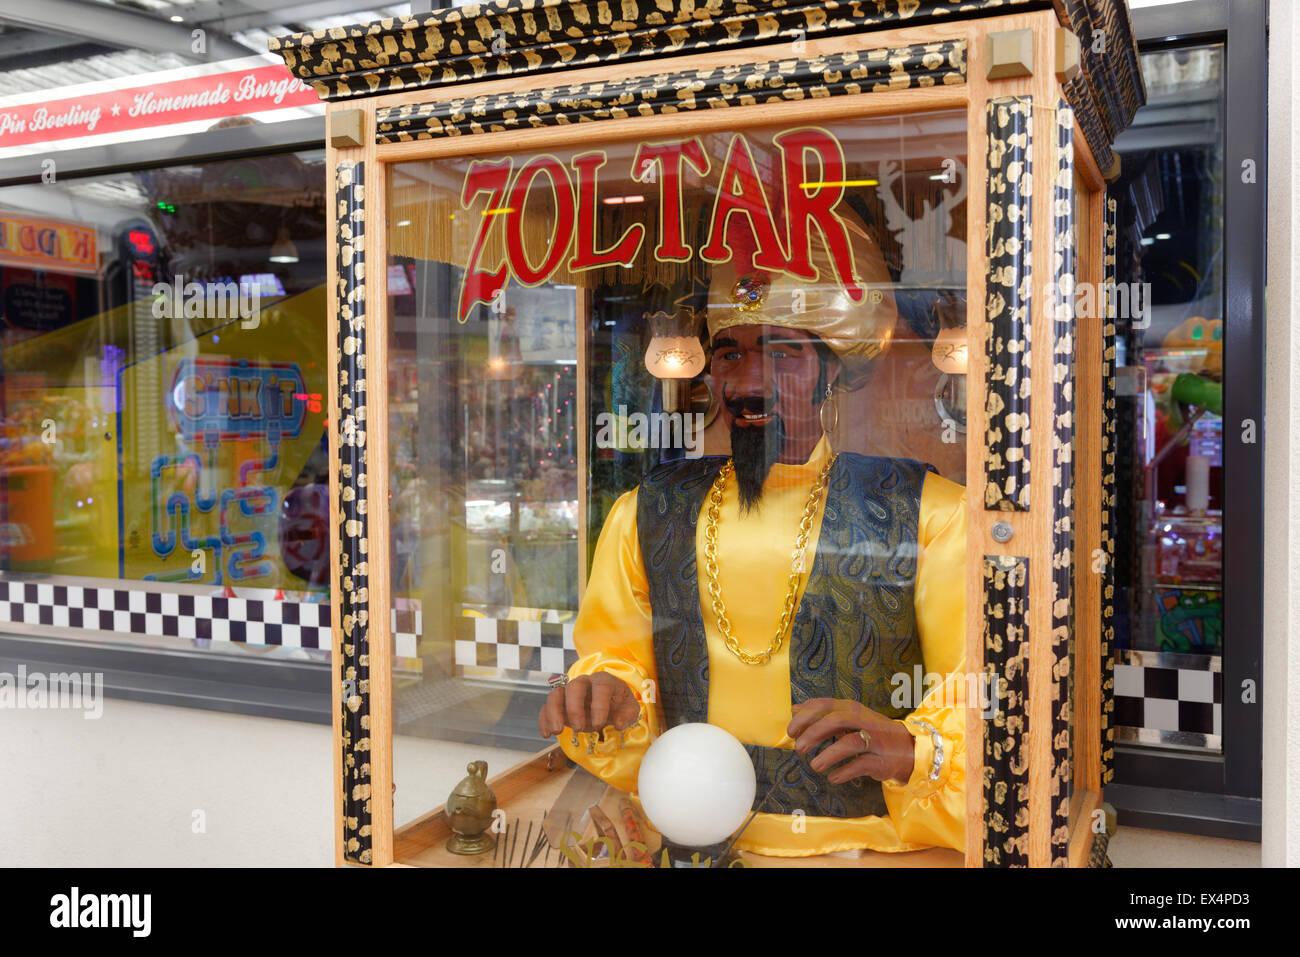 La fortune indiquant une machine dans une salle de jeux électroniques Photo Stock